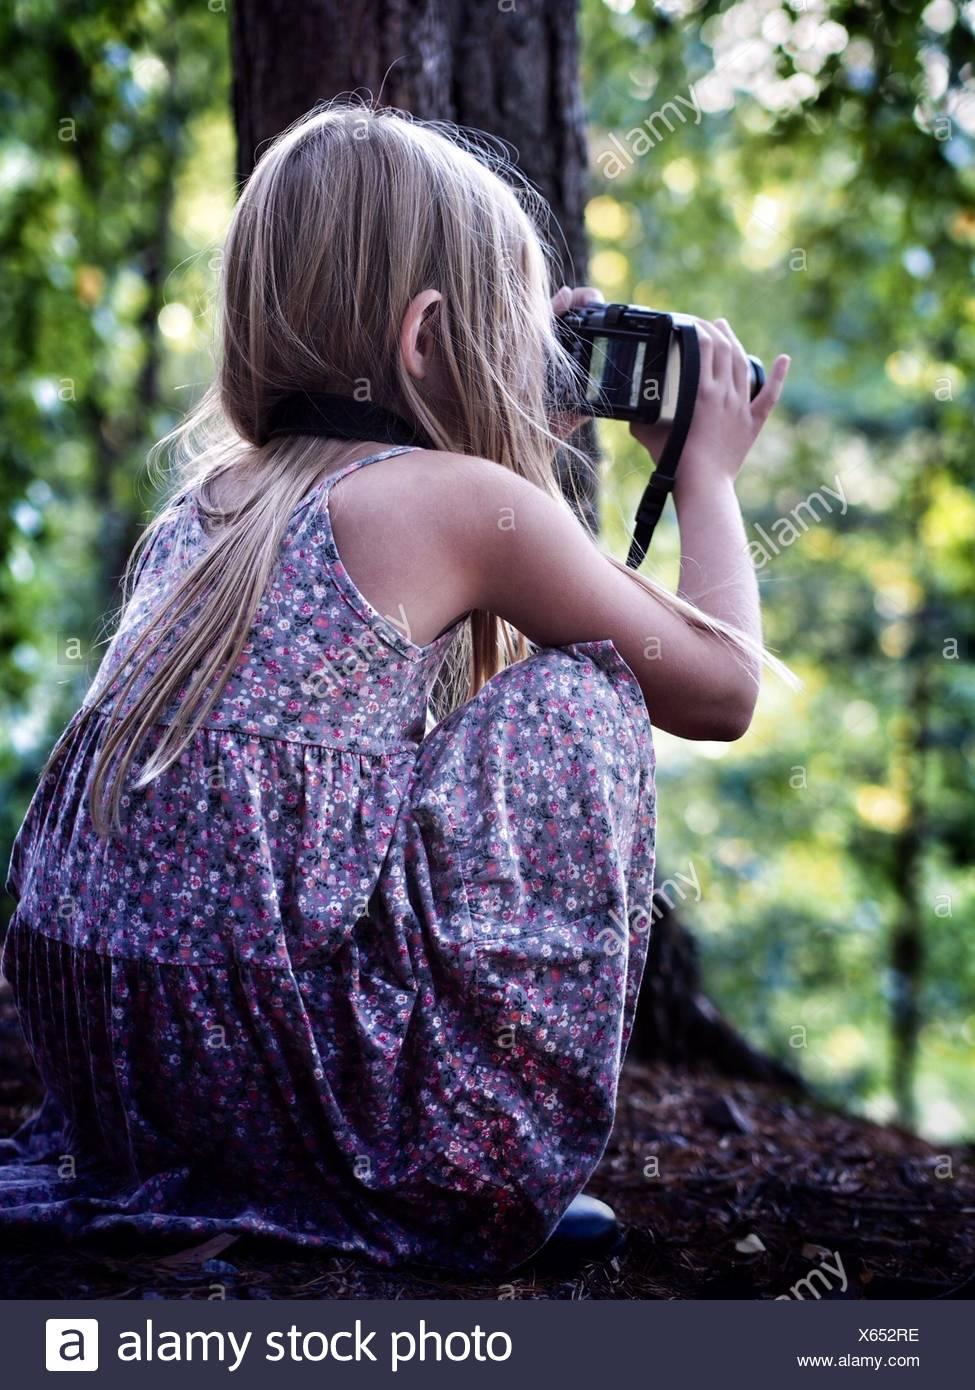 La Svezia, (8-9 anni) ragazza prendendo foto Immagini Stock